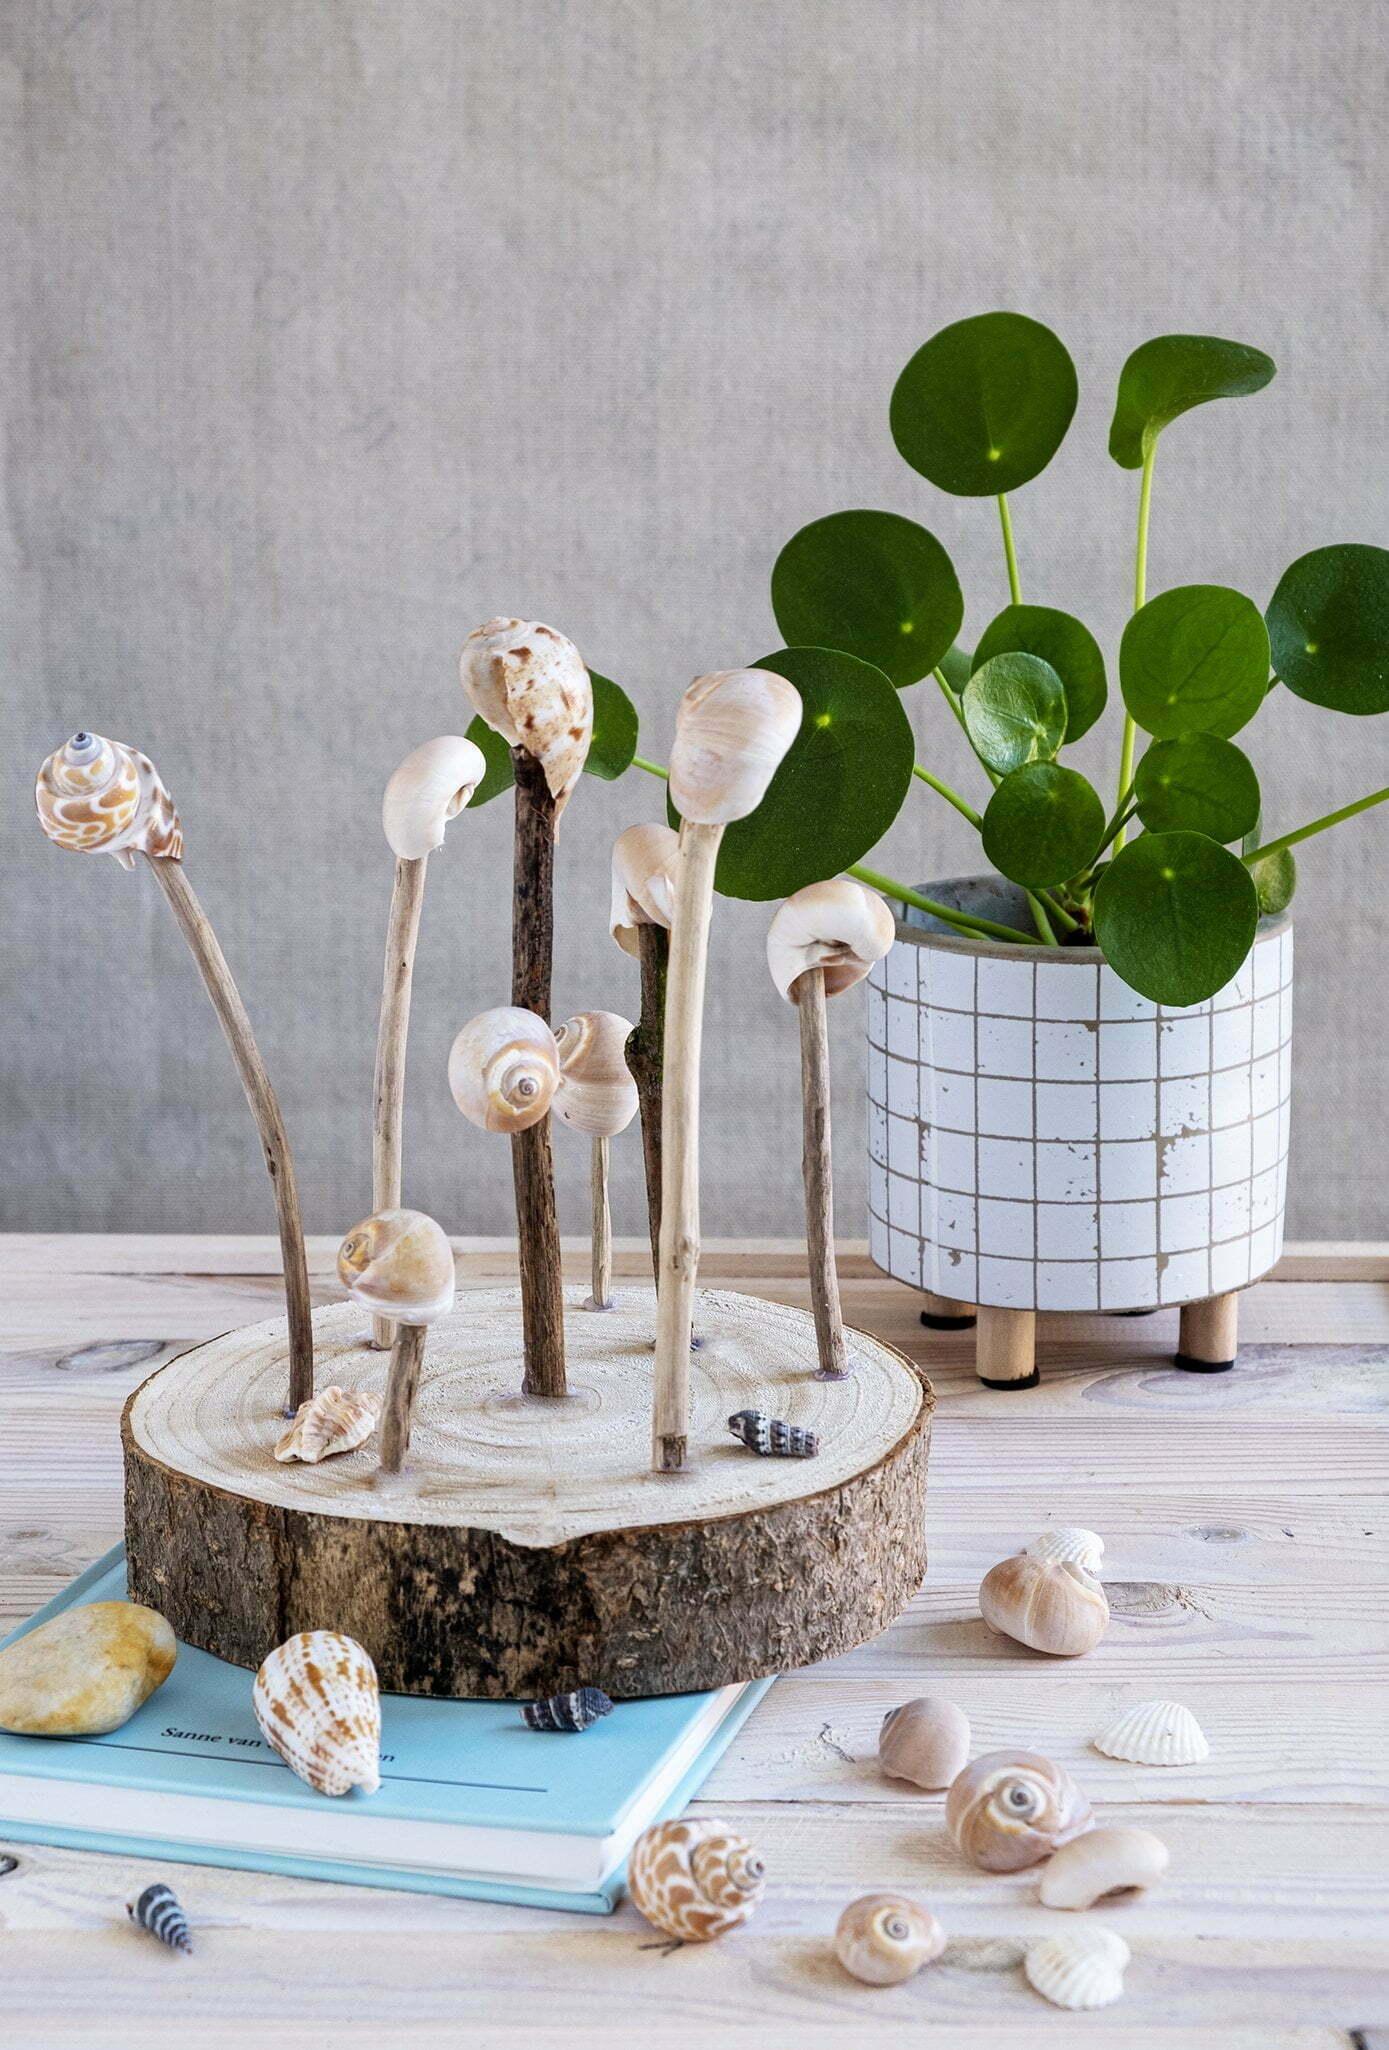 decoratie met schelpjes - Diy